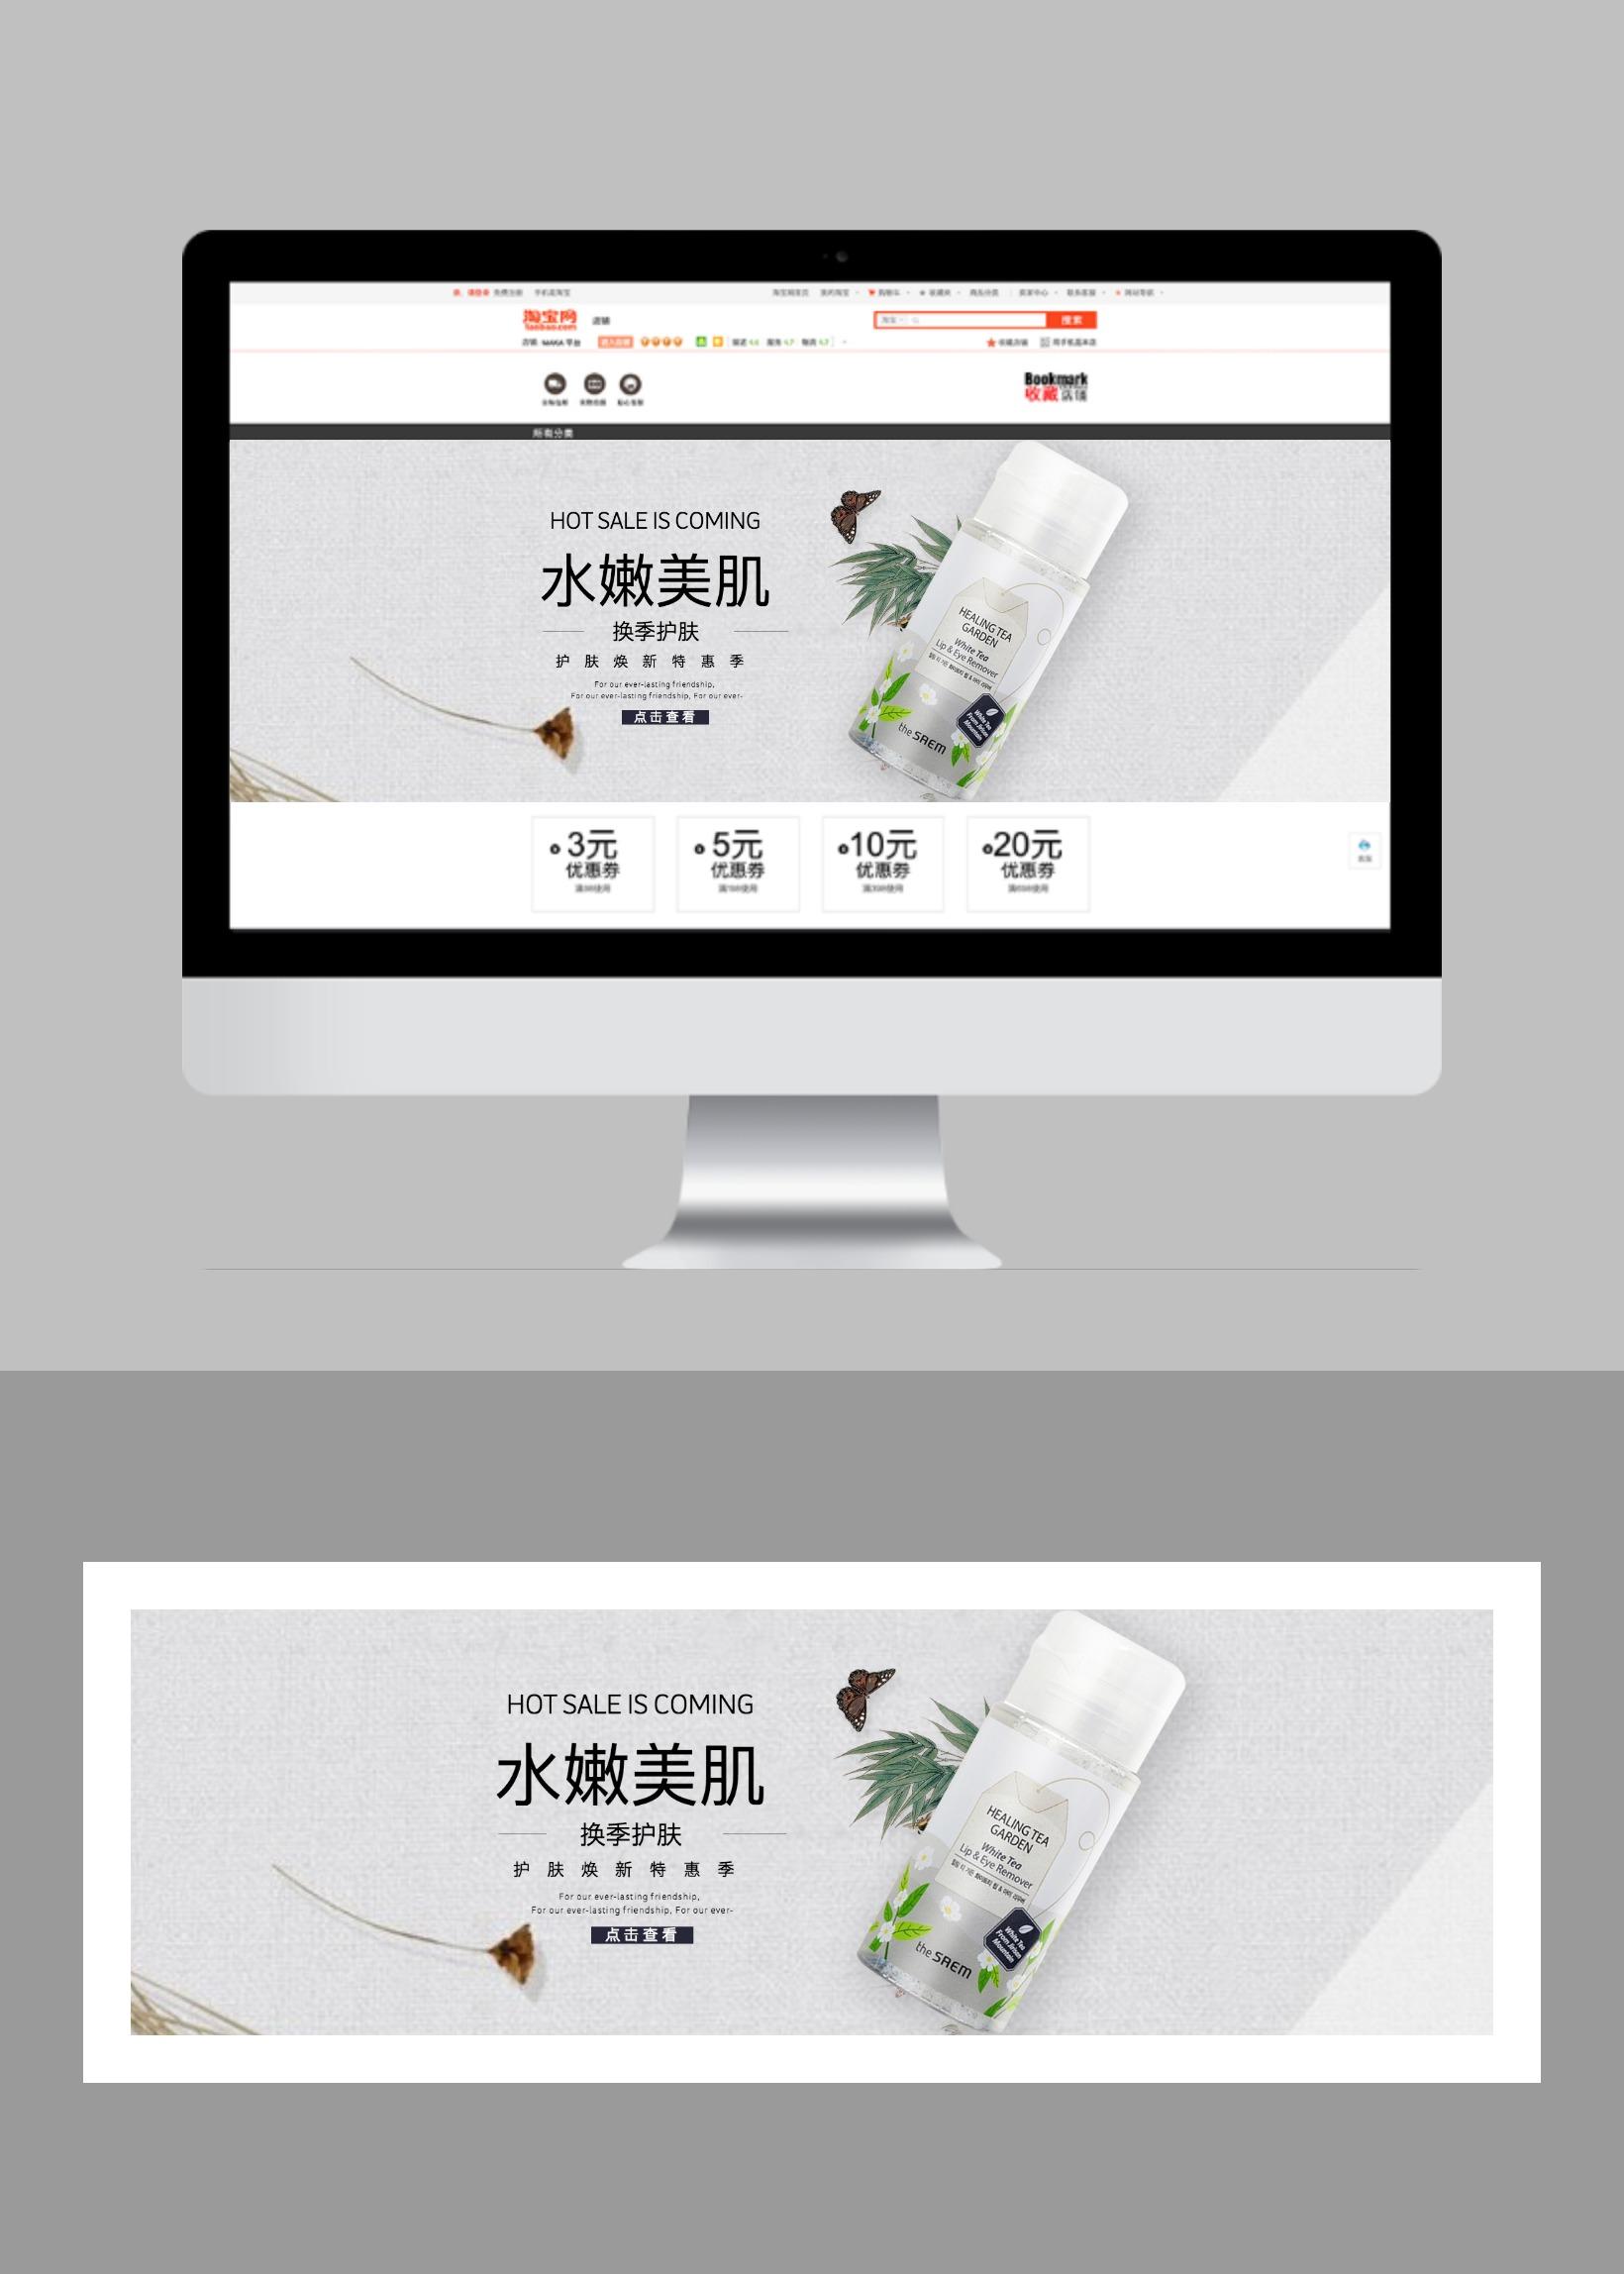 淘宝天猫护肤品年底促销活动banner